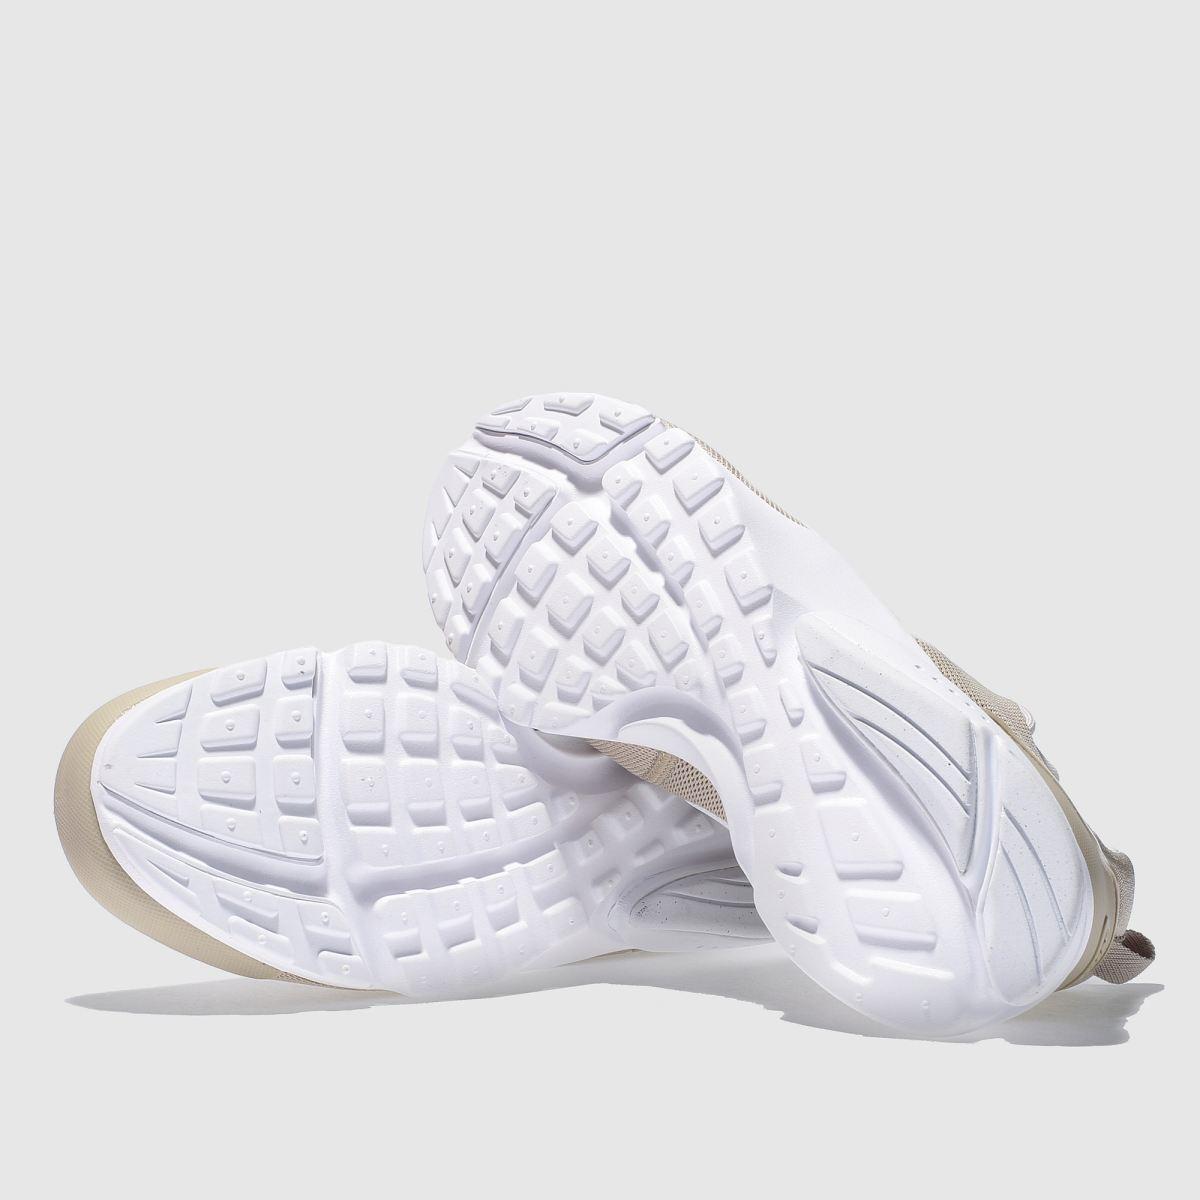 Damen Naturfarben nike Presto Gute Fly Sneaker | schuh Gute Presto Qualität beliebte Schuhe 4dcdf6